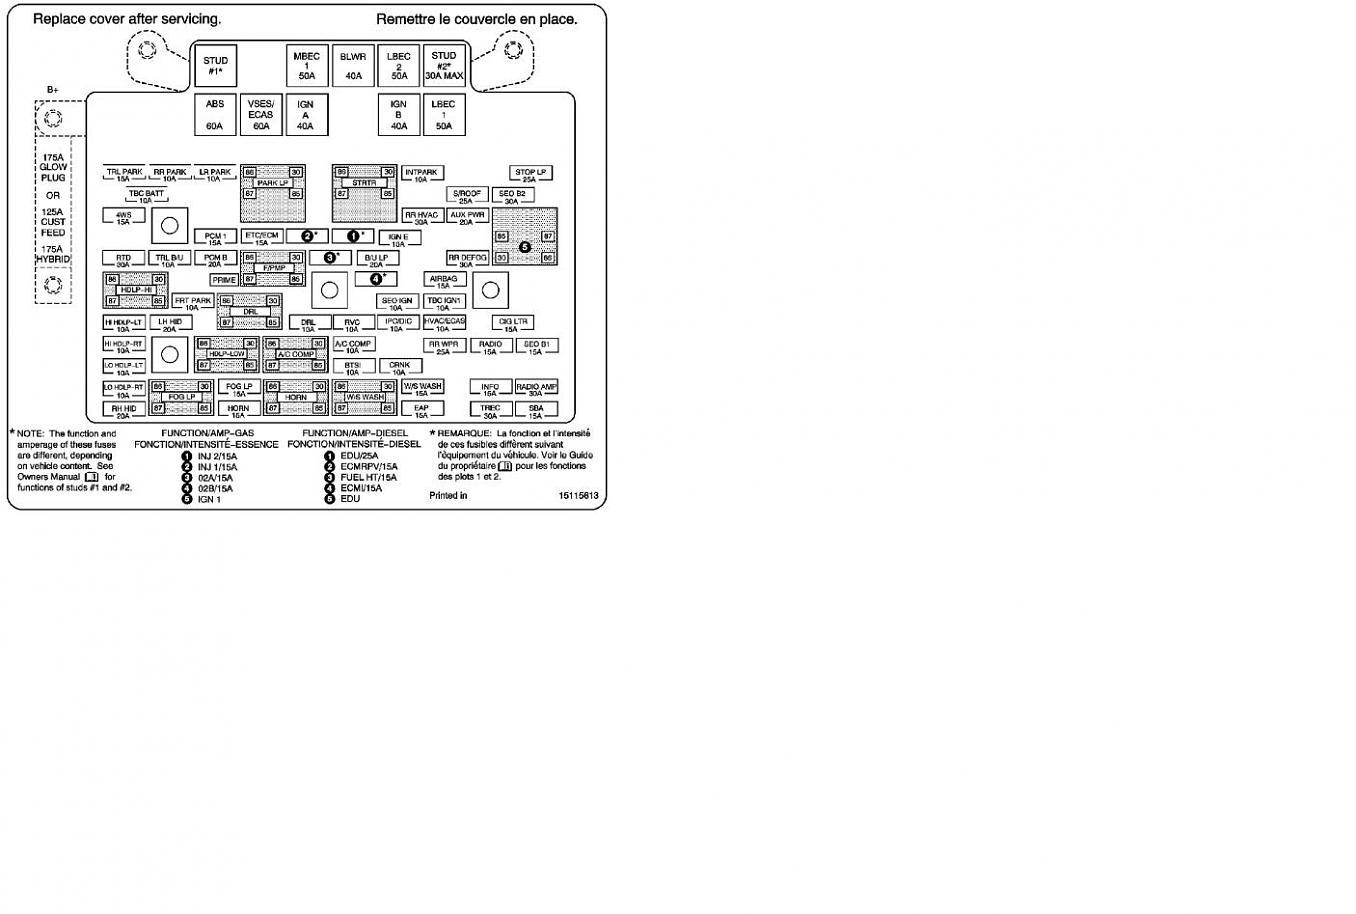 HD_8476] 1999 Freightliner Fuse Box Diagram Schematic WiringExpe Nnigh Benkeme Mohammedshrine Librar Wiring 101